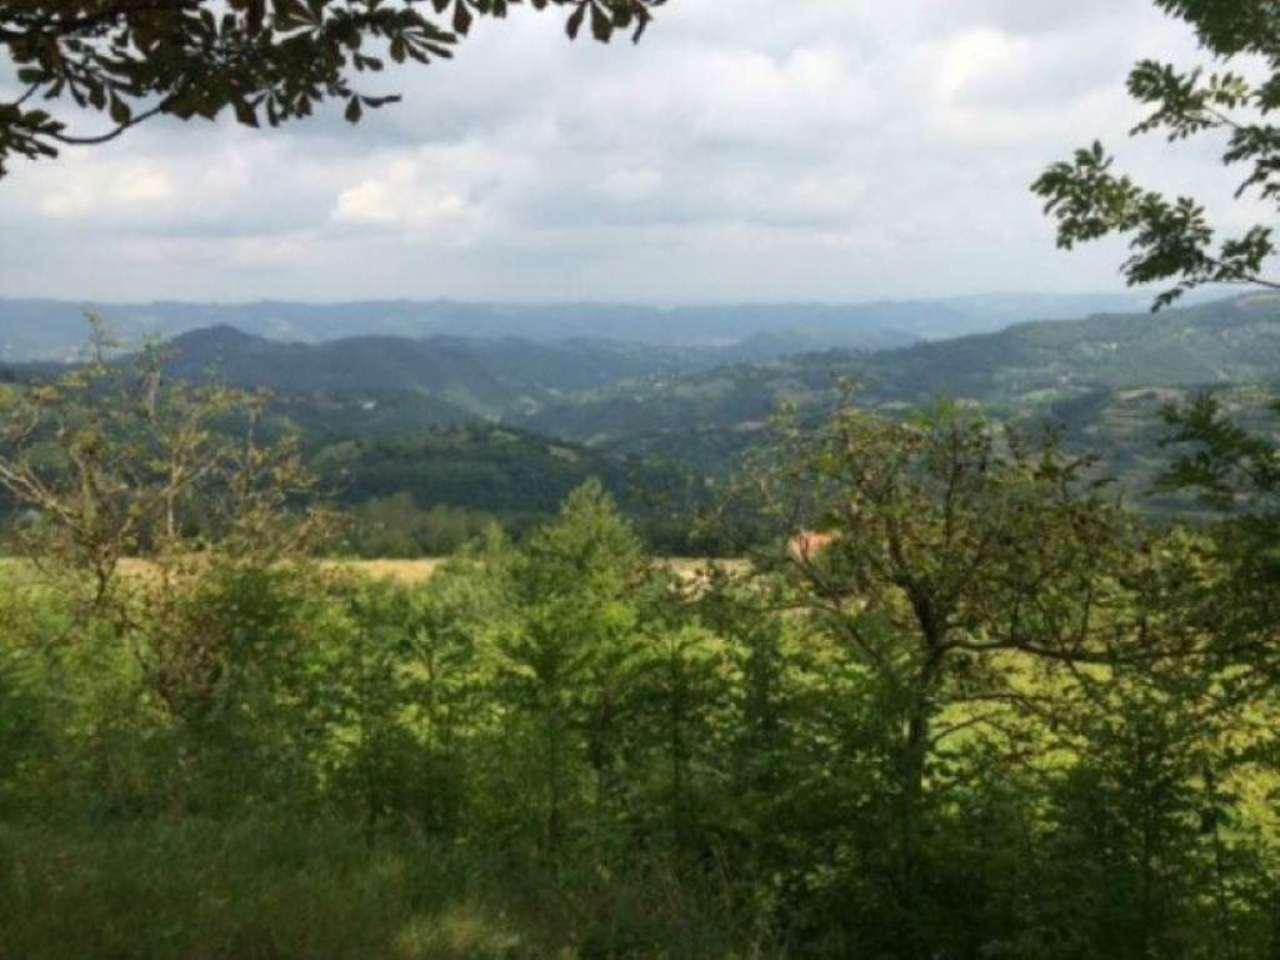 Soluzione Indipendente in vendita a Roccaverano, 9999 locali, prezzo € 120.000 | Cambio Casa.it